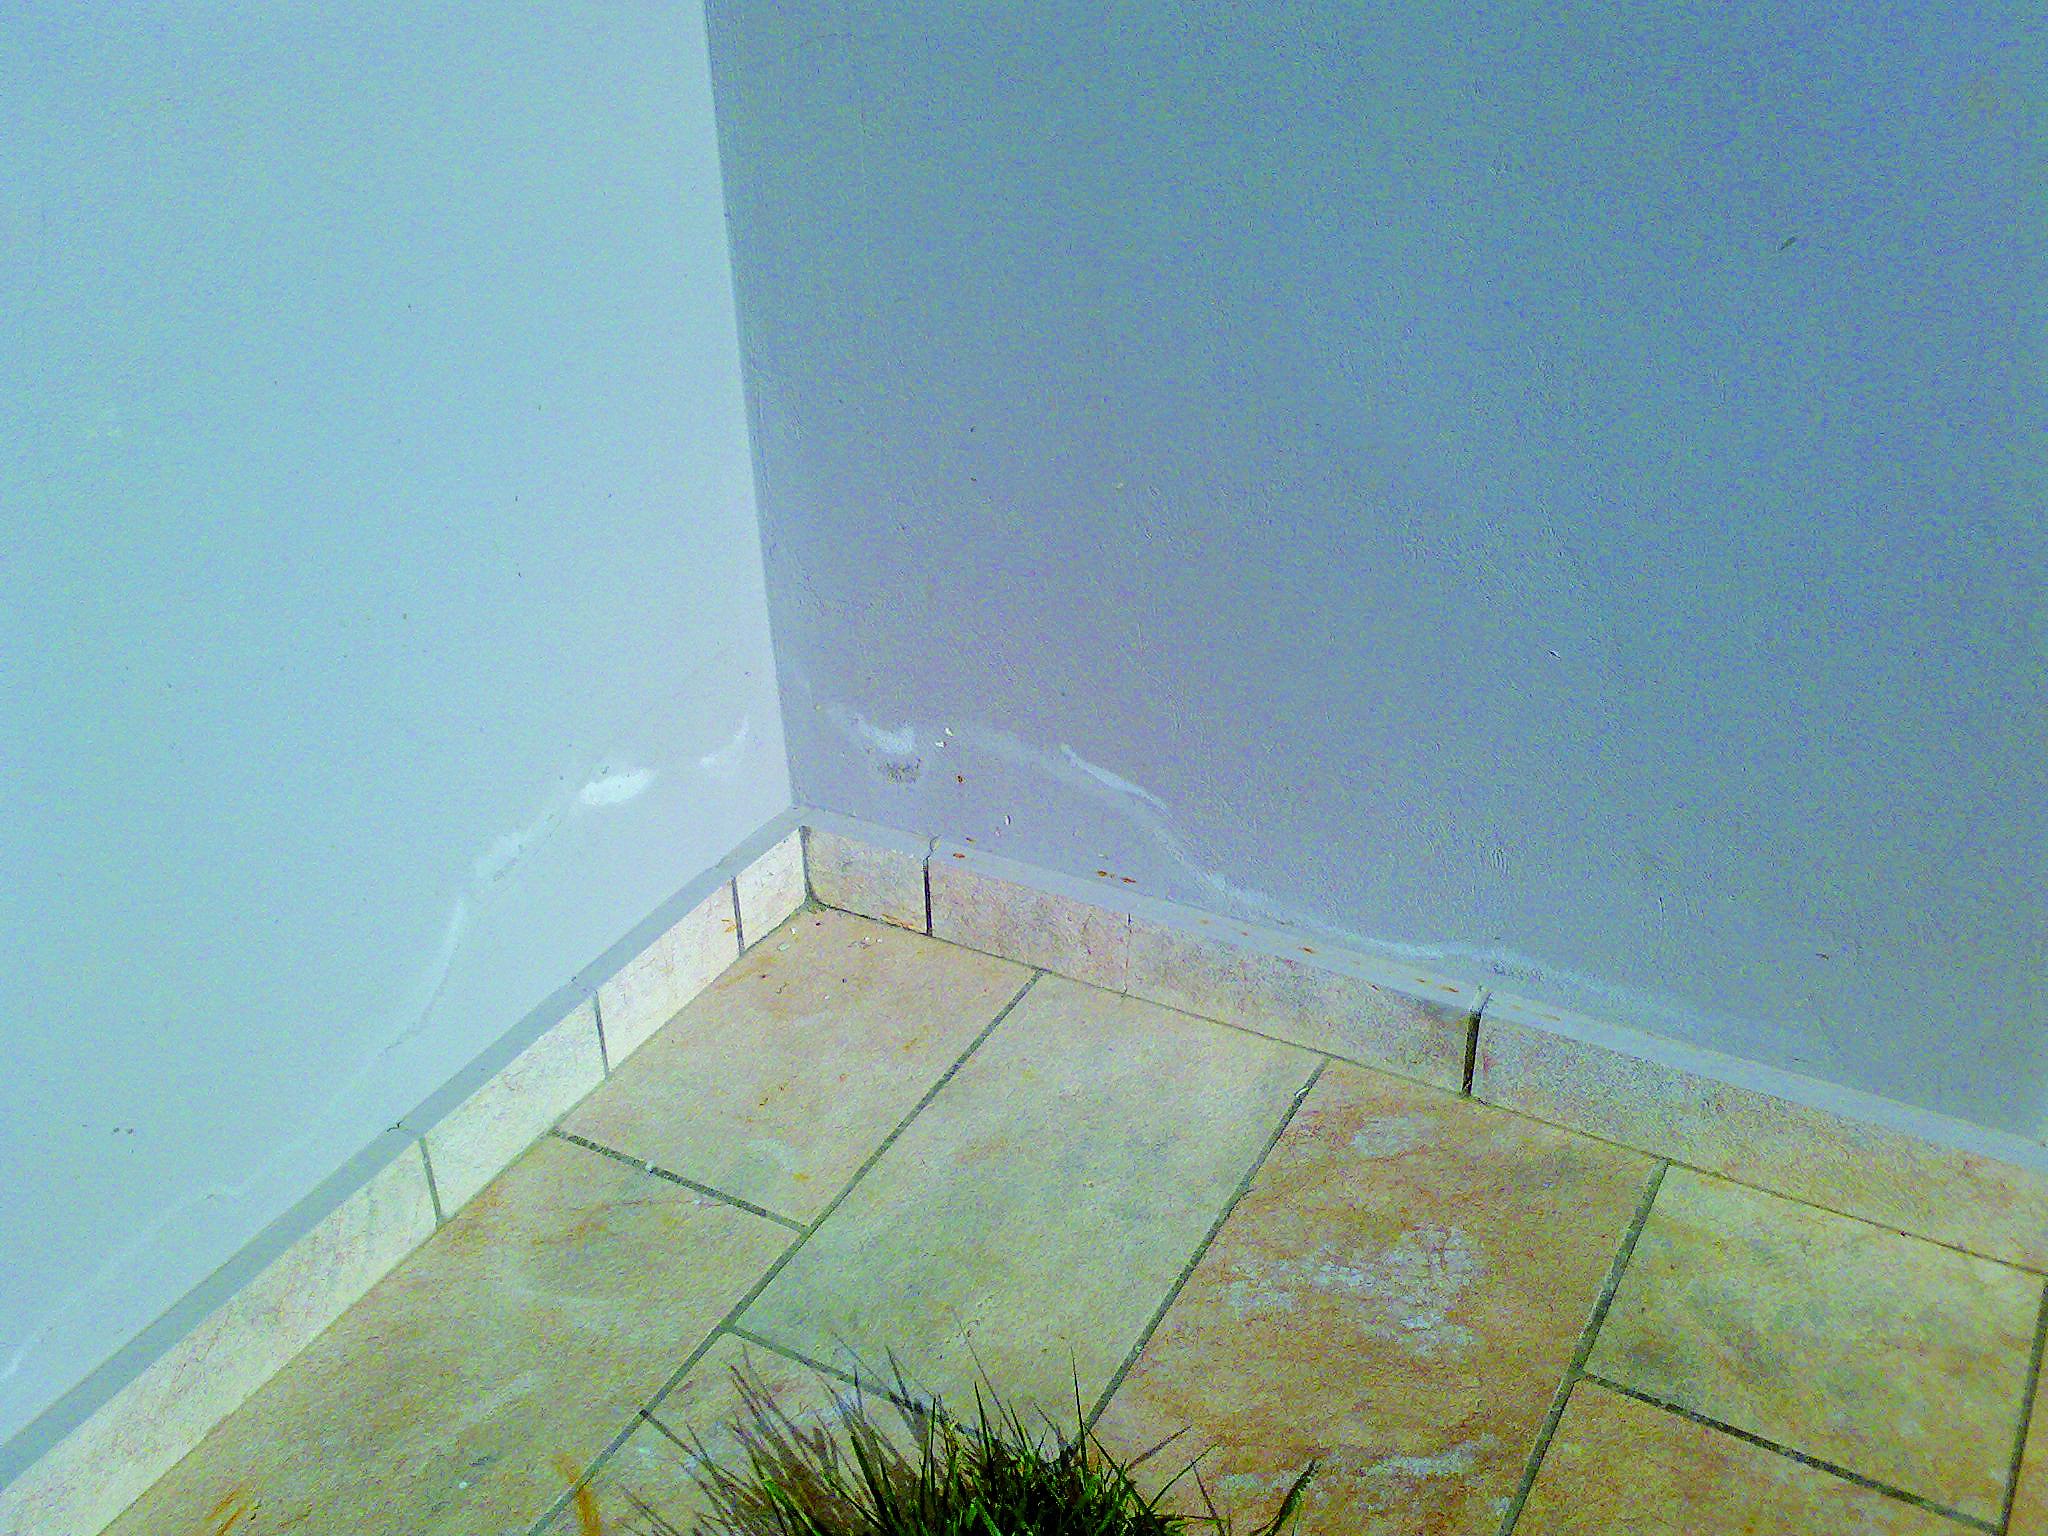 Tiling repairing & waterproofing